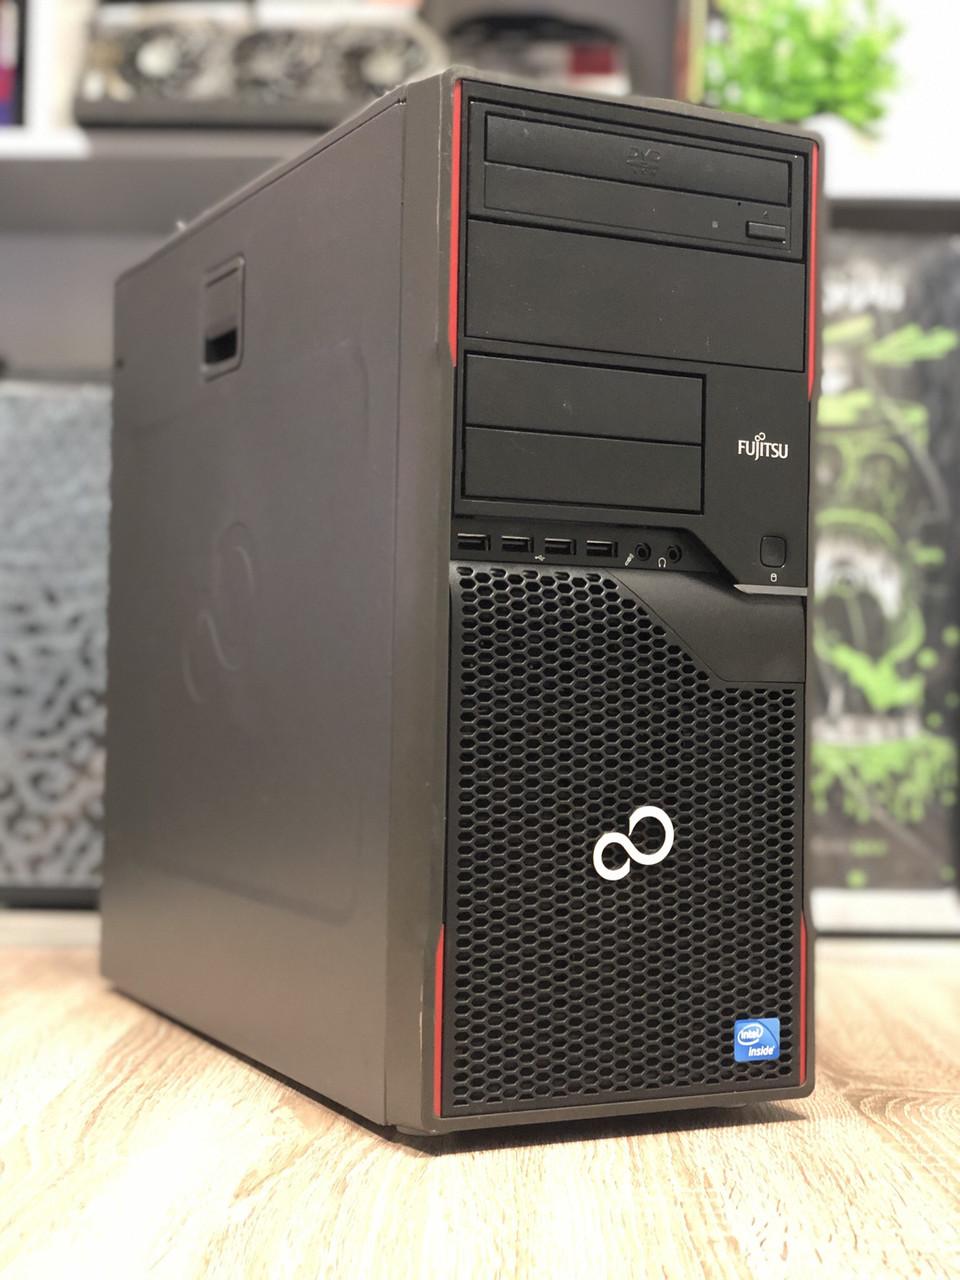 Компьютер Fujitsu P700 Intel Core I3-2120 3.3GHz RAM 4GB DDR3 HDD 500GB